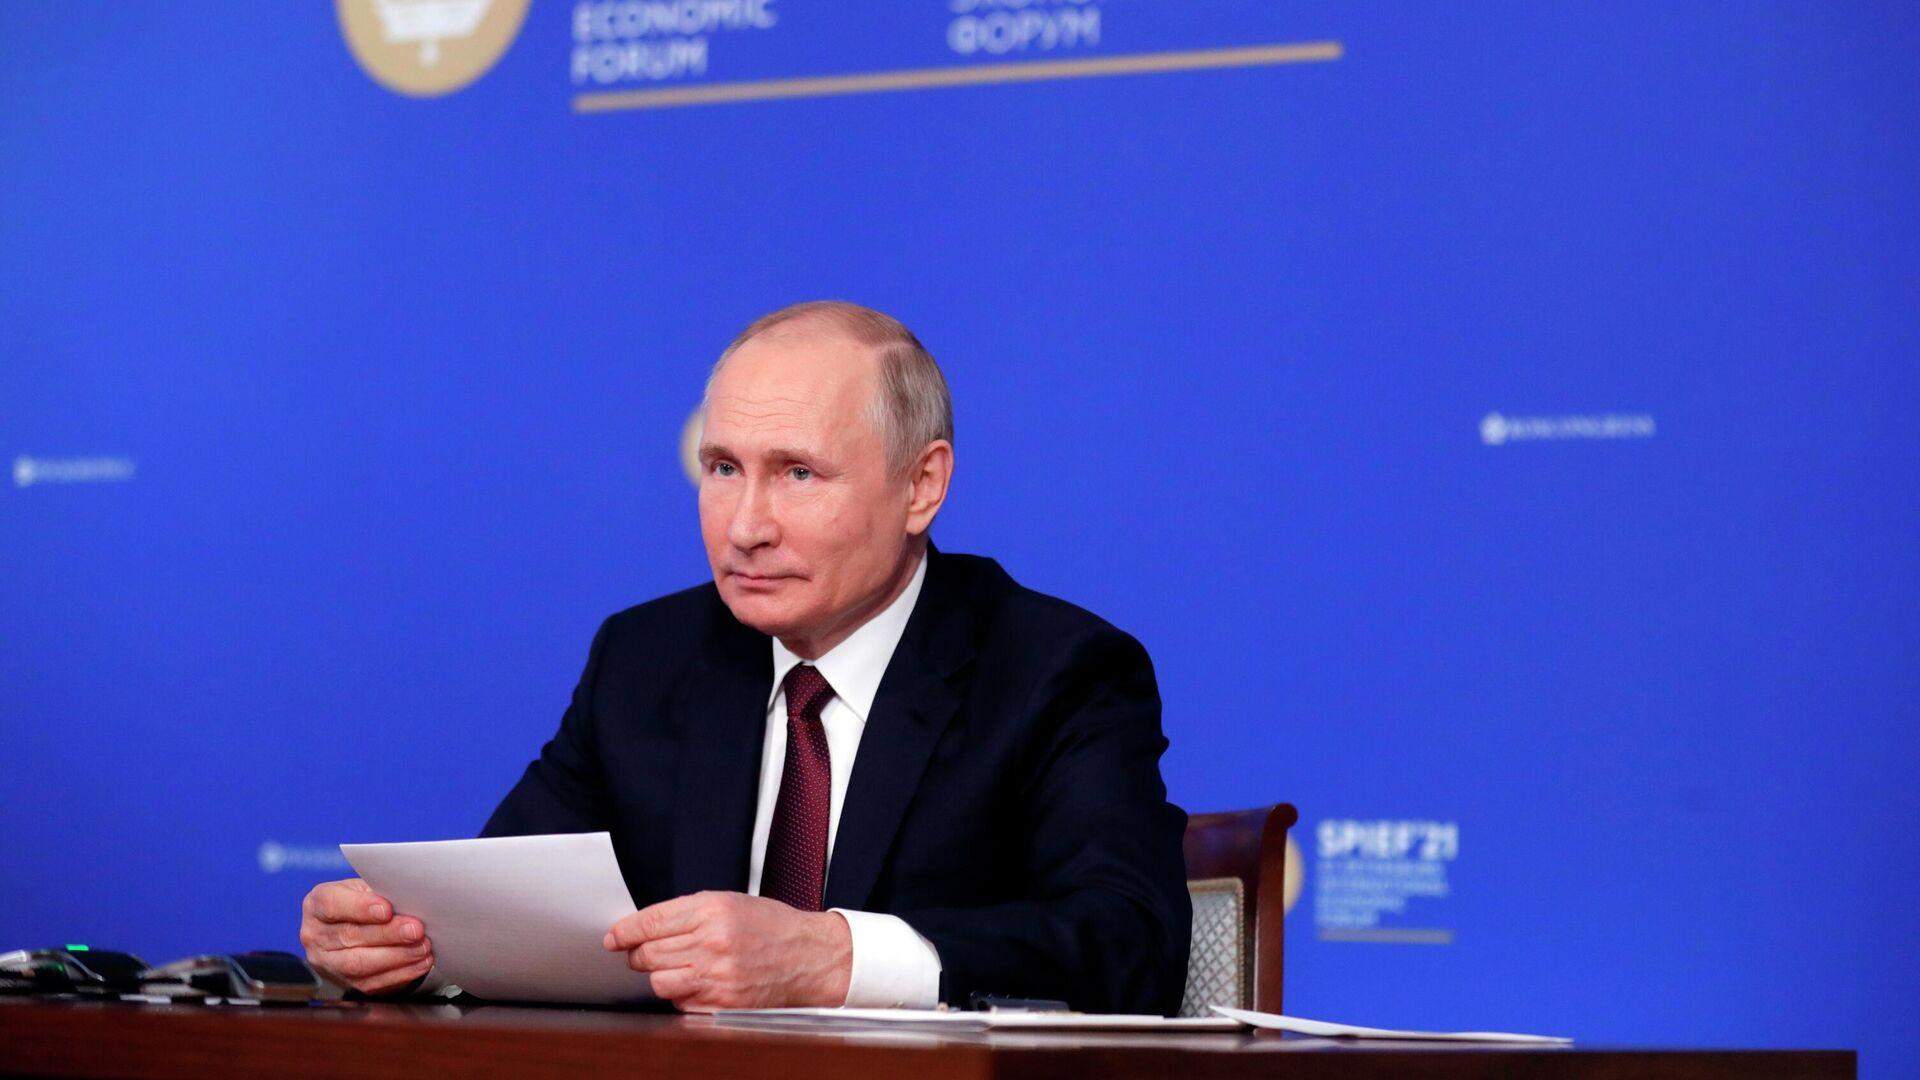 Владимир Путин во время встречи в режиме видеоконференции с руководителями крупнейших иностранных компаний в рамках Петербургского международного экономического форума - 2021 - РИА Новости, 1920, 04.06.2021